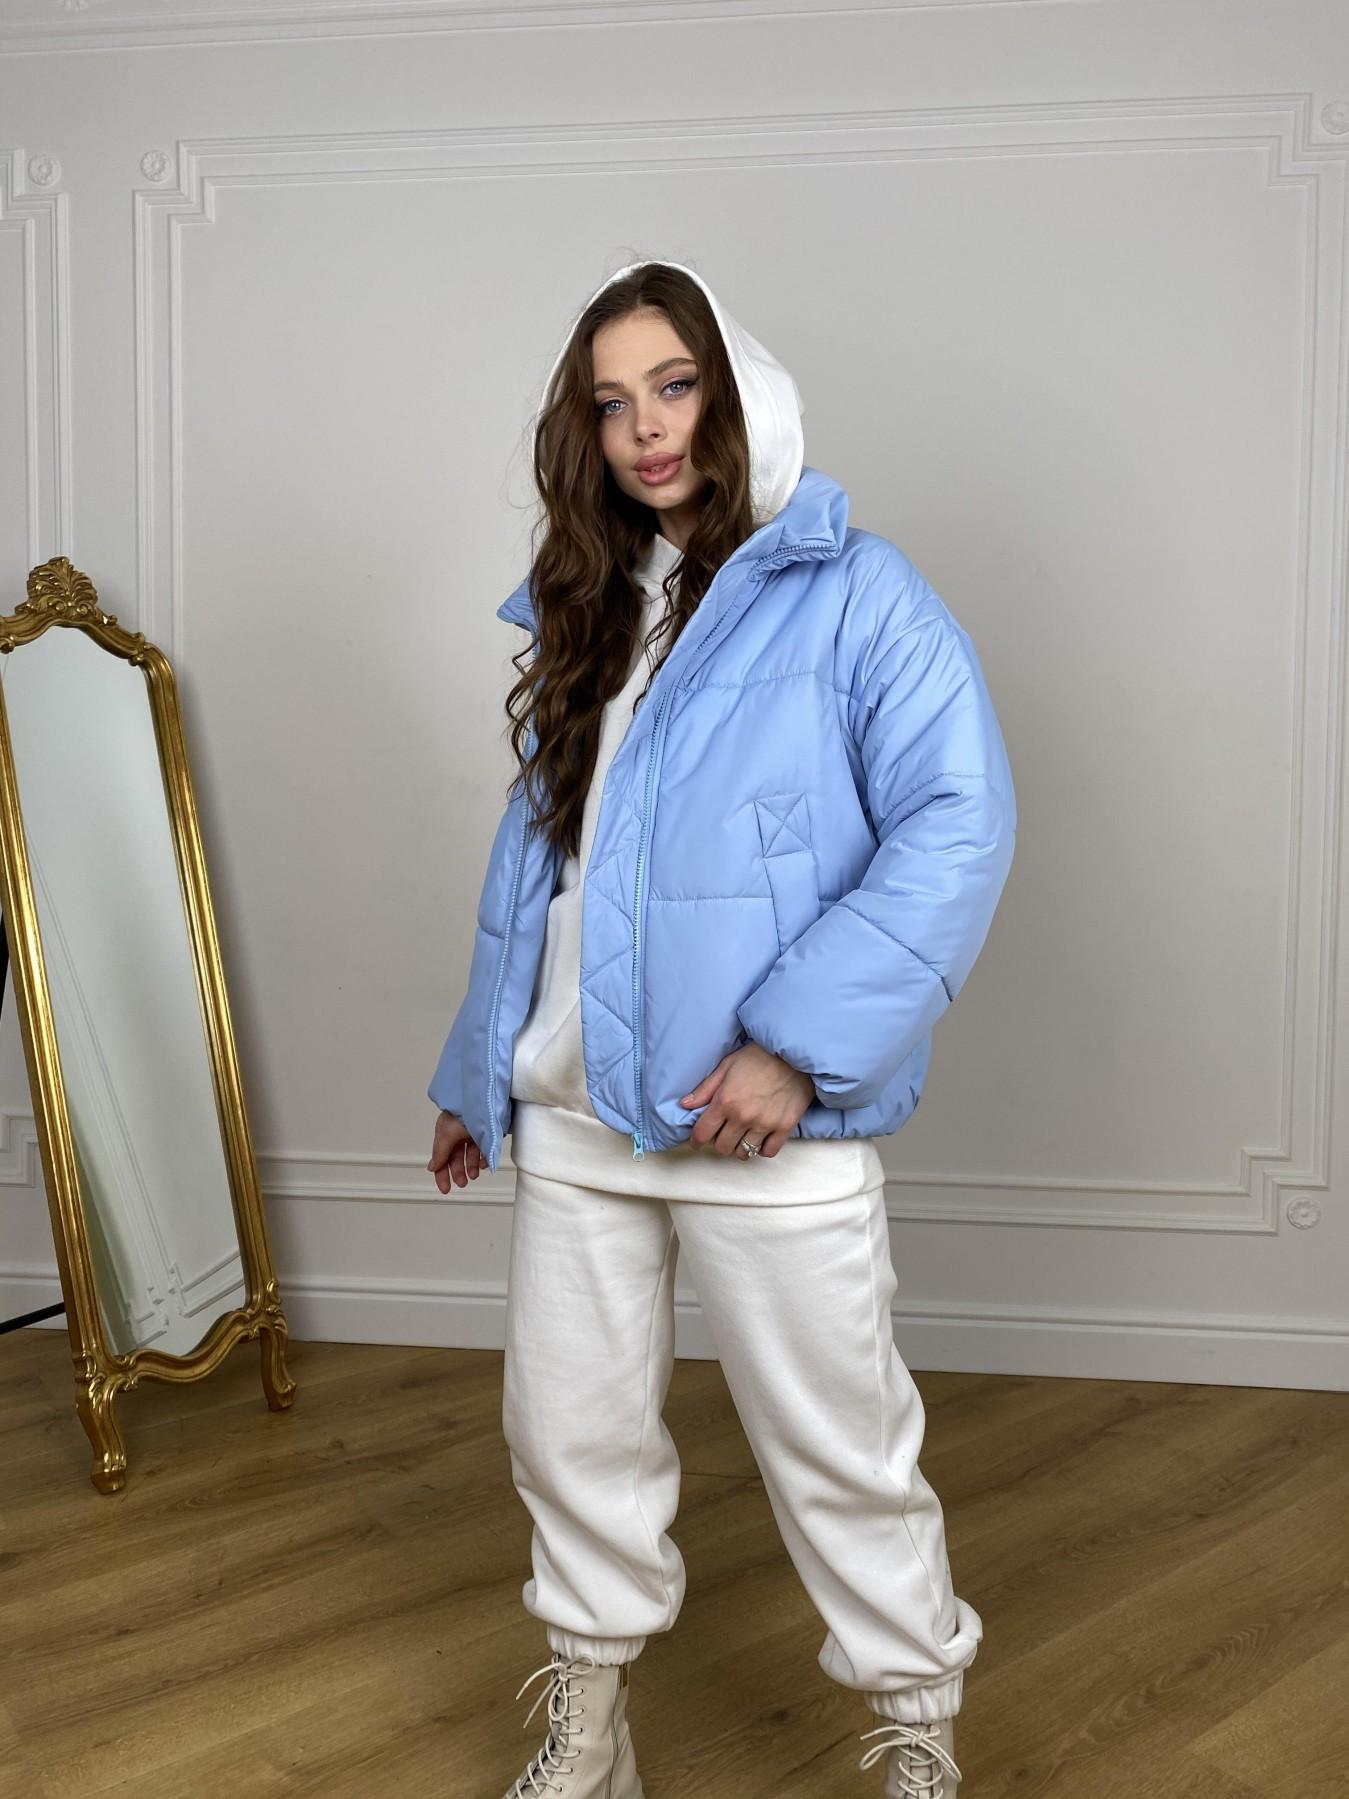 Муд куртка из плащевой ткани 10509 АРТ. 46916 Цвет: Голубой - фото 4, интернет магазин tm-modus.ru